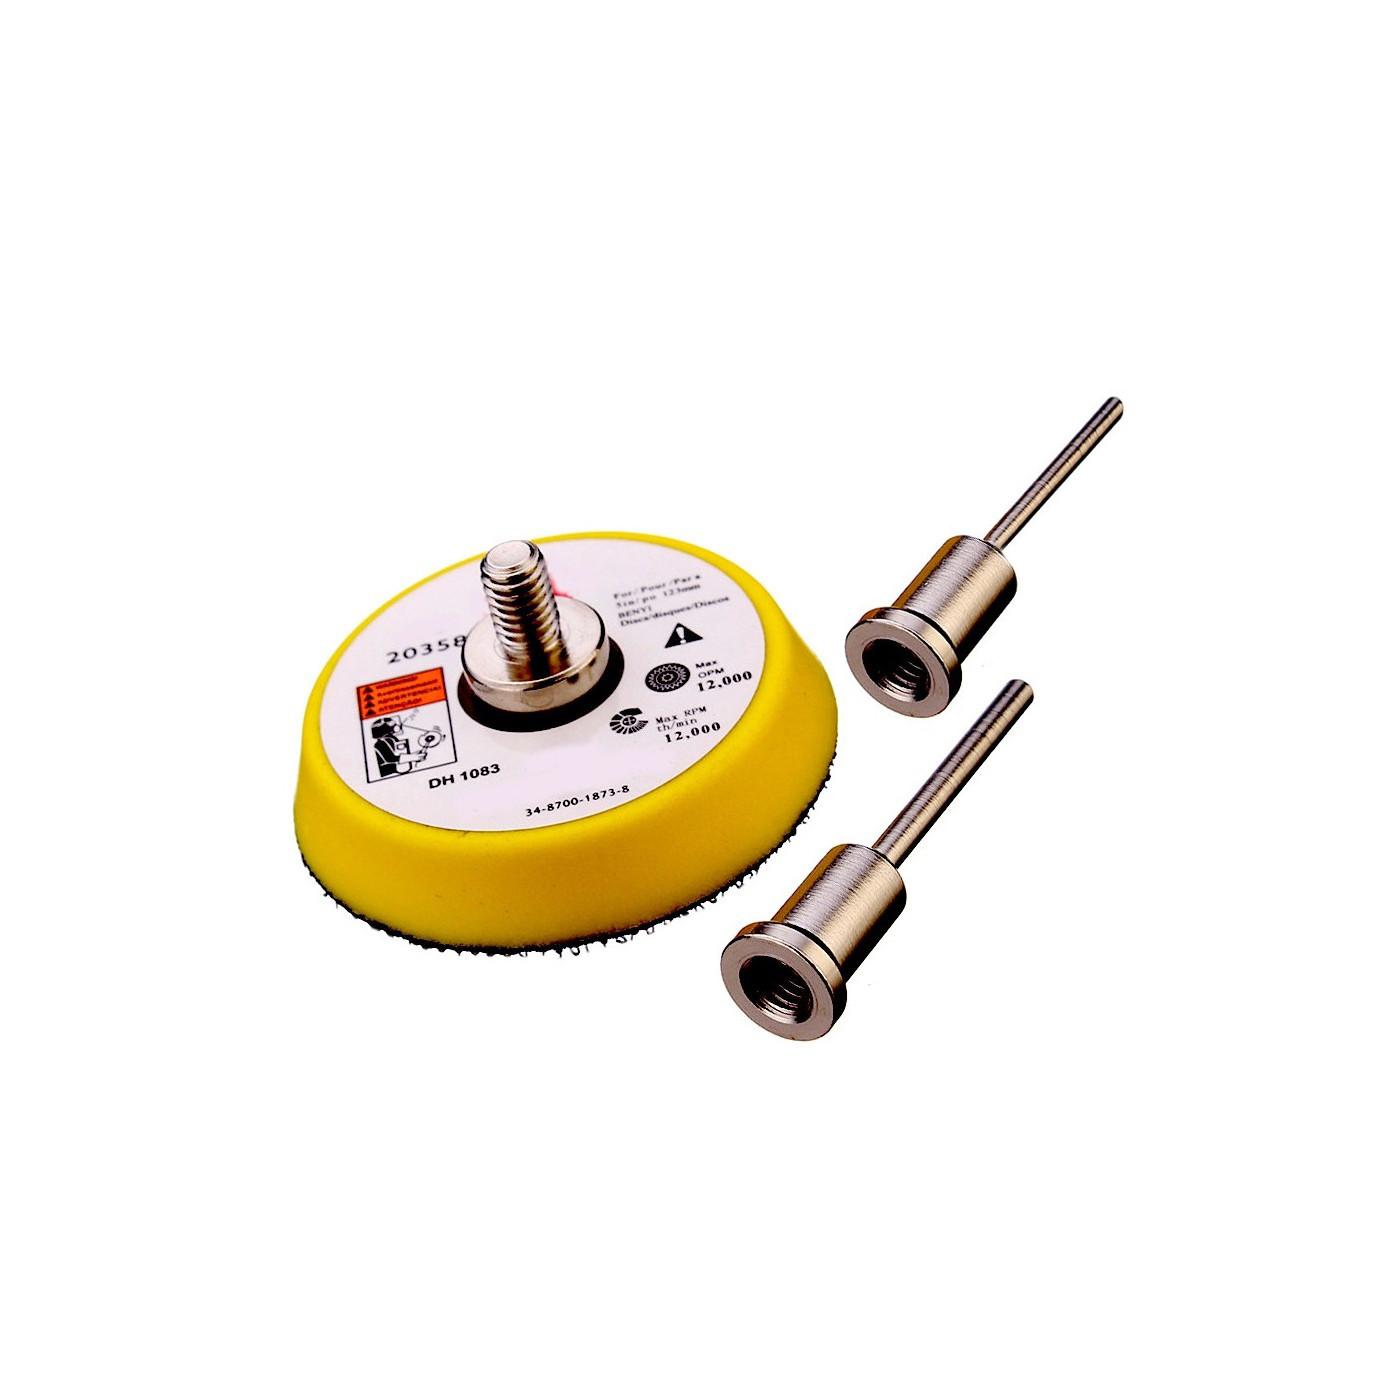 Sanding pad 50 mm (hook & loop) with 2 adapters